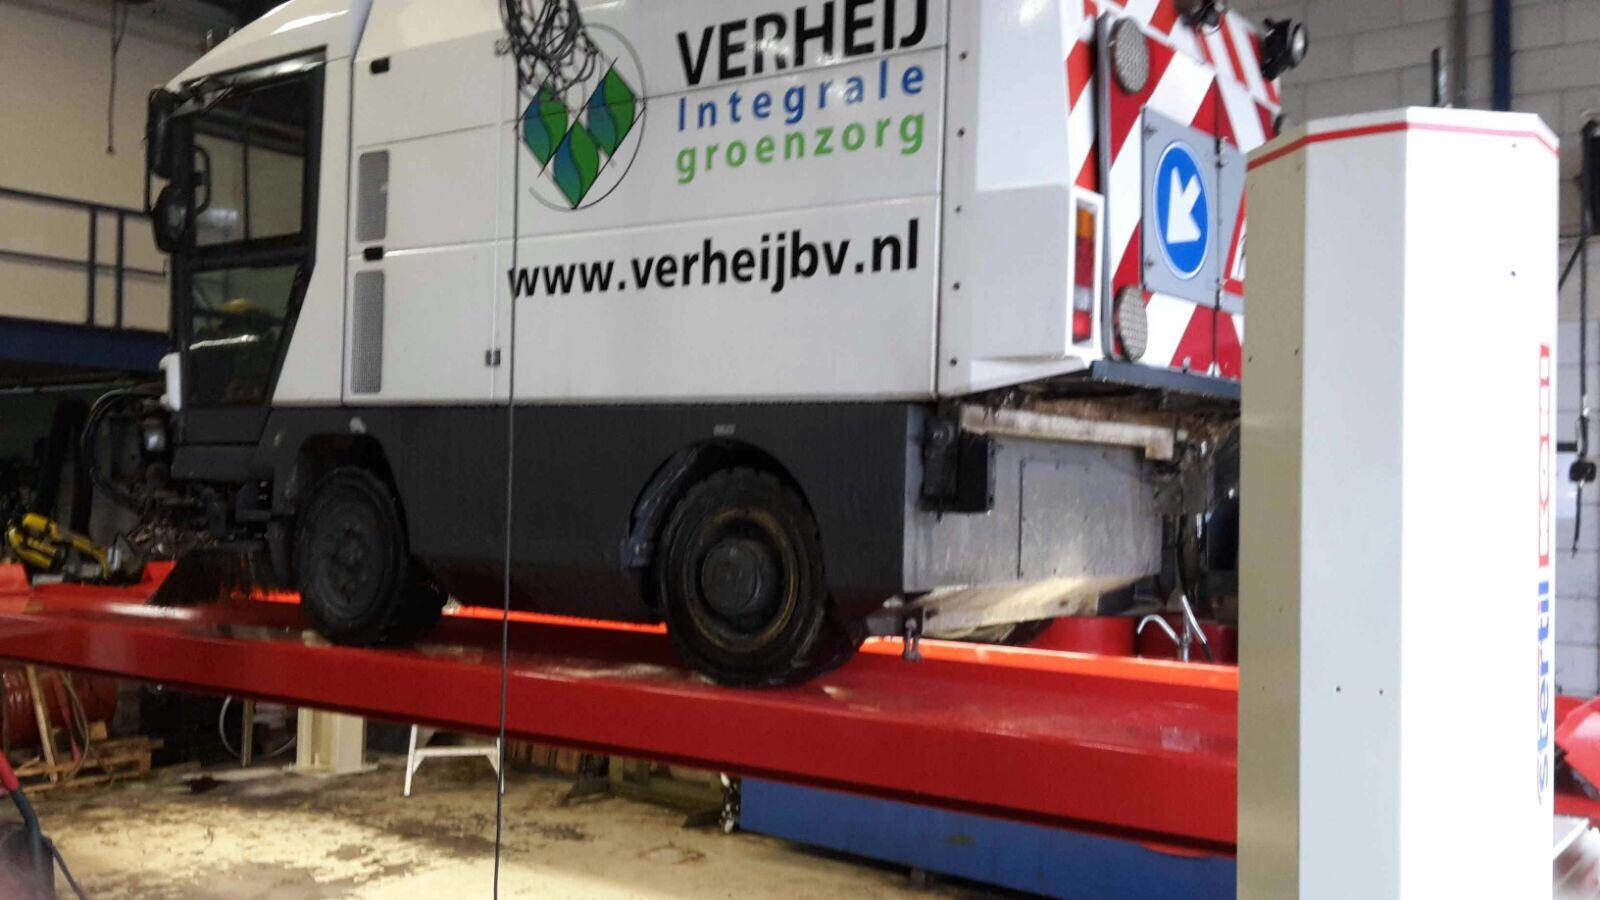 VZH-14t_hefbrug_Groenvoorzieningsbedrijven